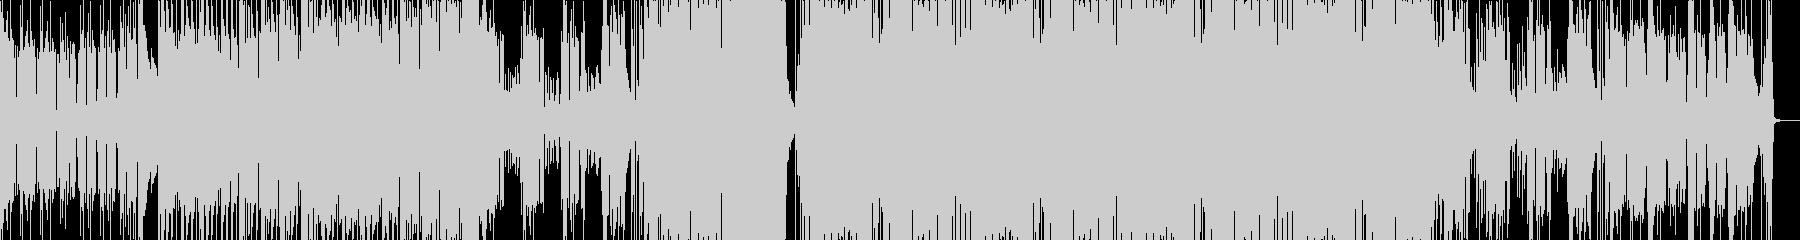 重厚なベースハウス(声ネタ無し)の未再生の波形